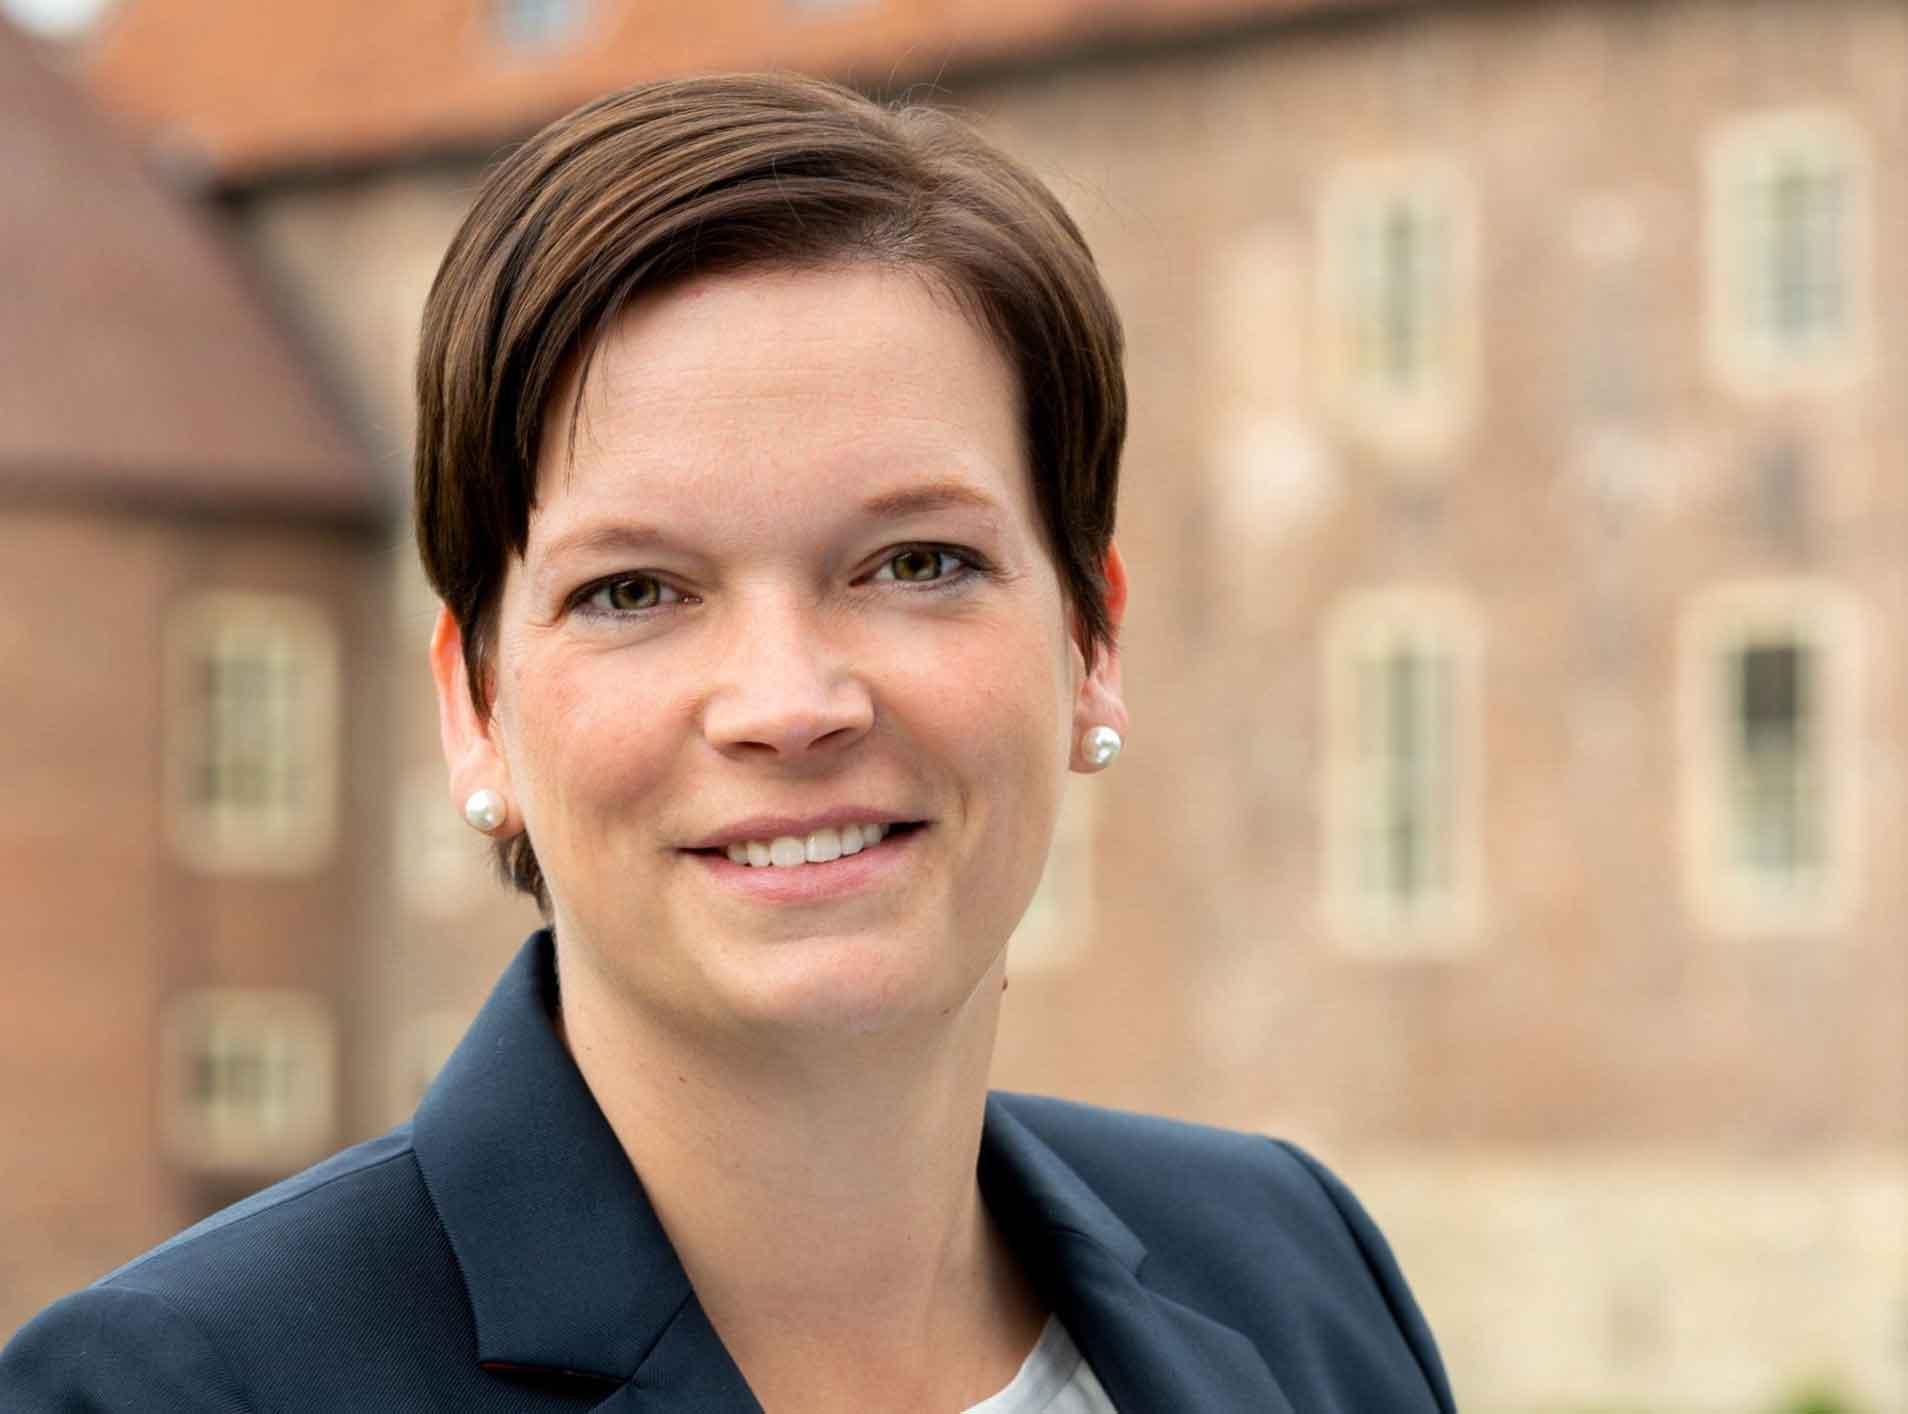 Nicole-Ostendorf-UWG-tritt-aus-der-Fraktion-aus